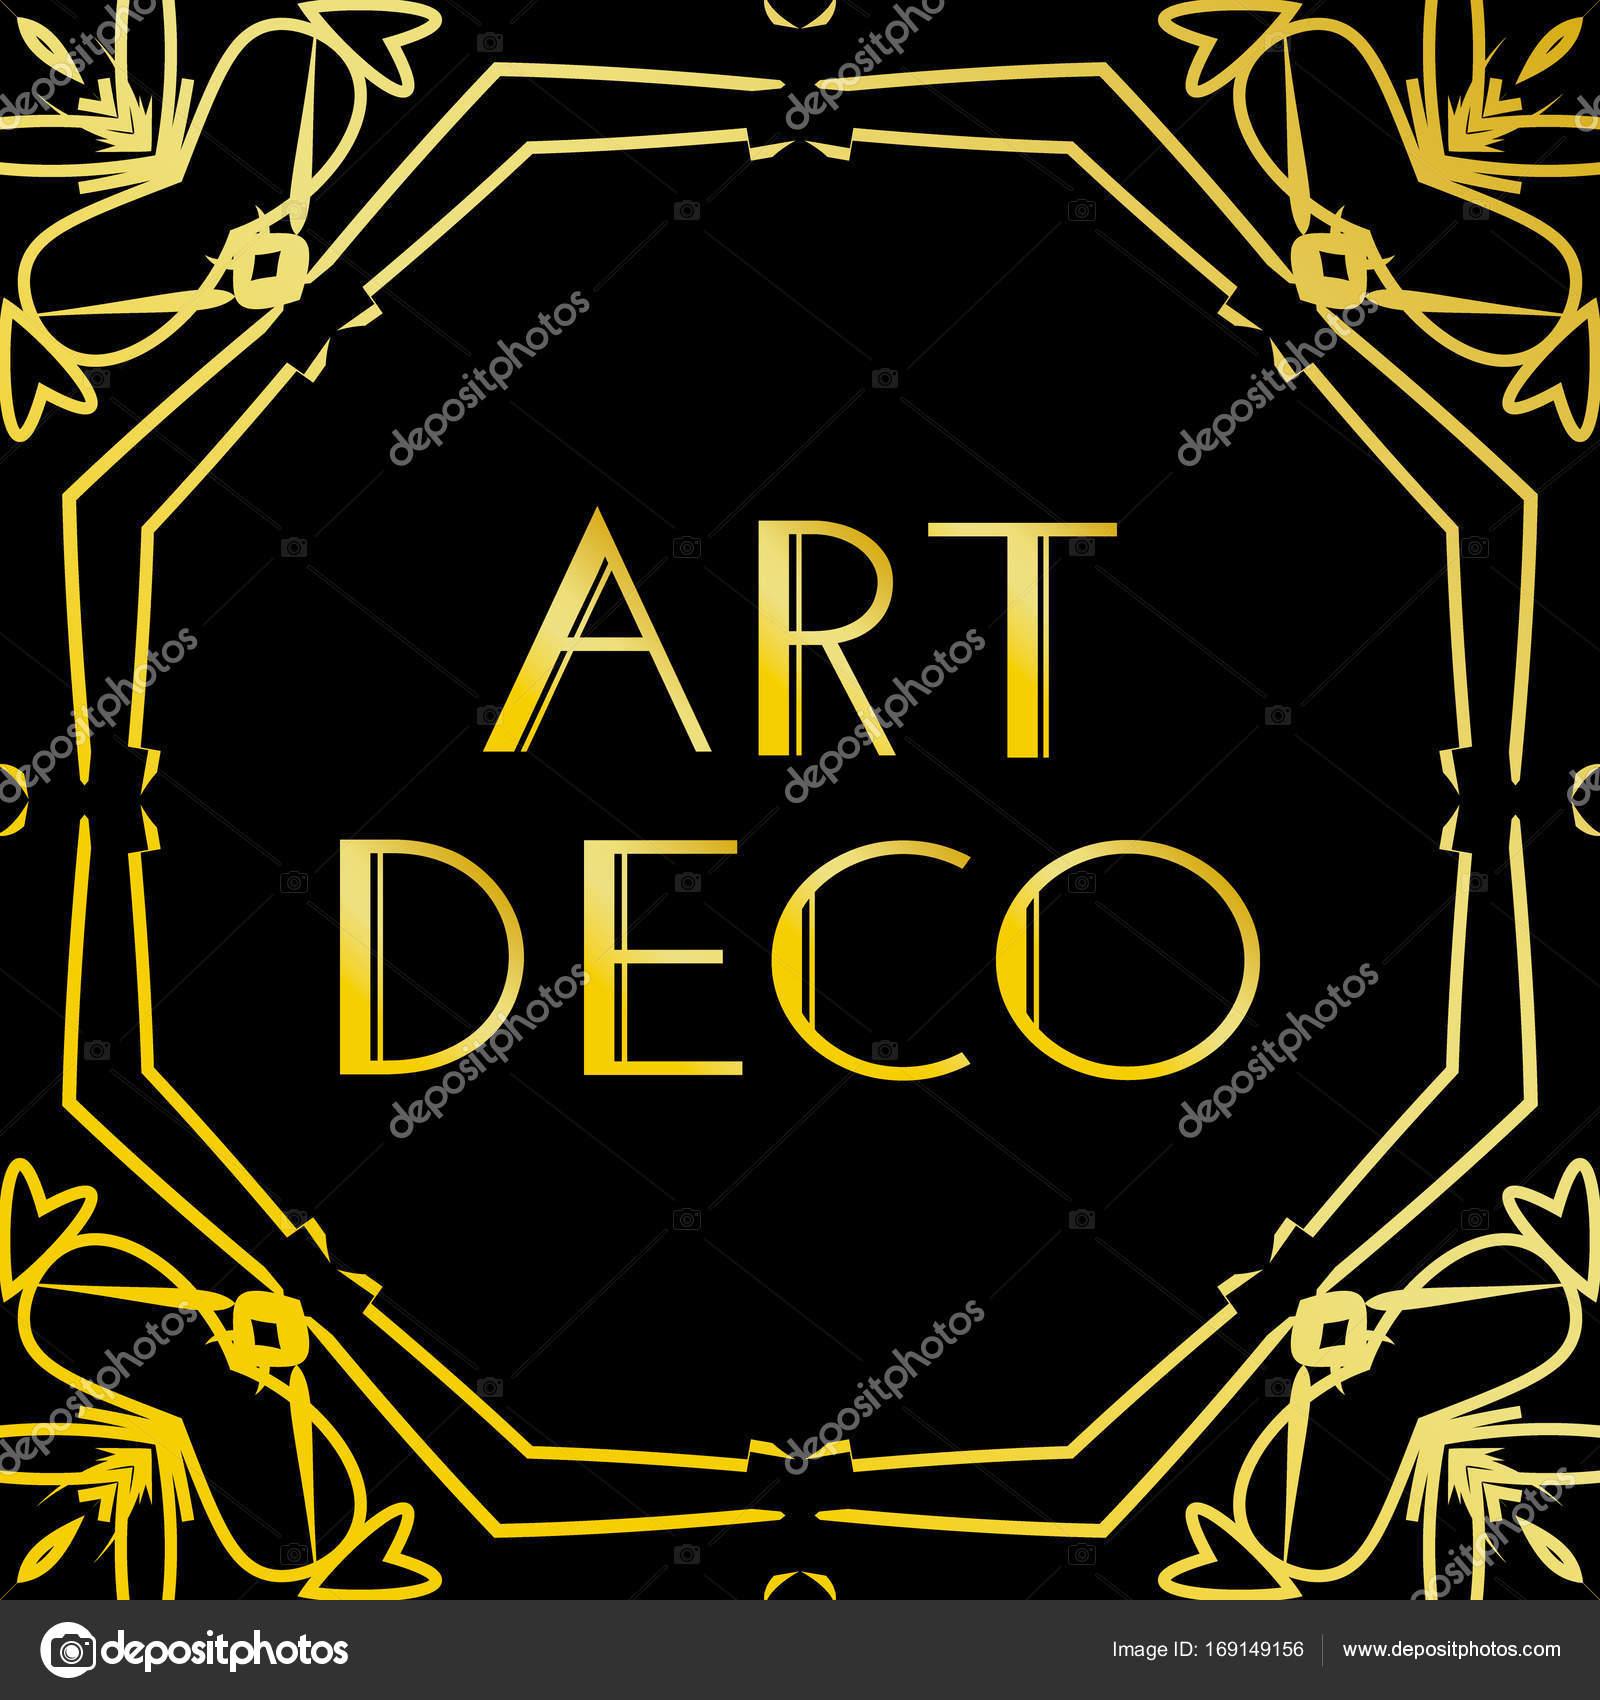 Art-Deco-Vintage-Rahmen oder Rahmen. Luxus-Design auf schwarzem ...